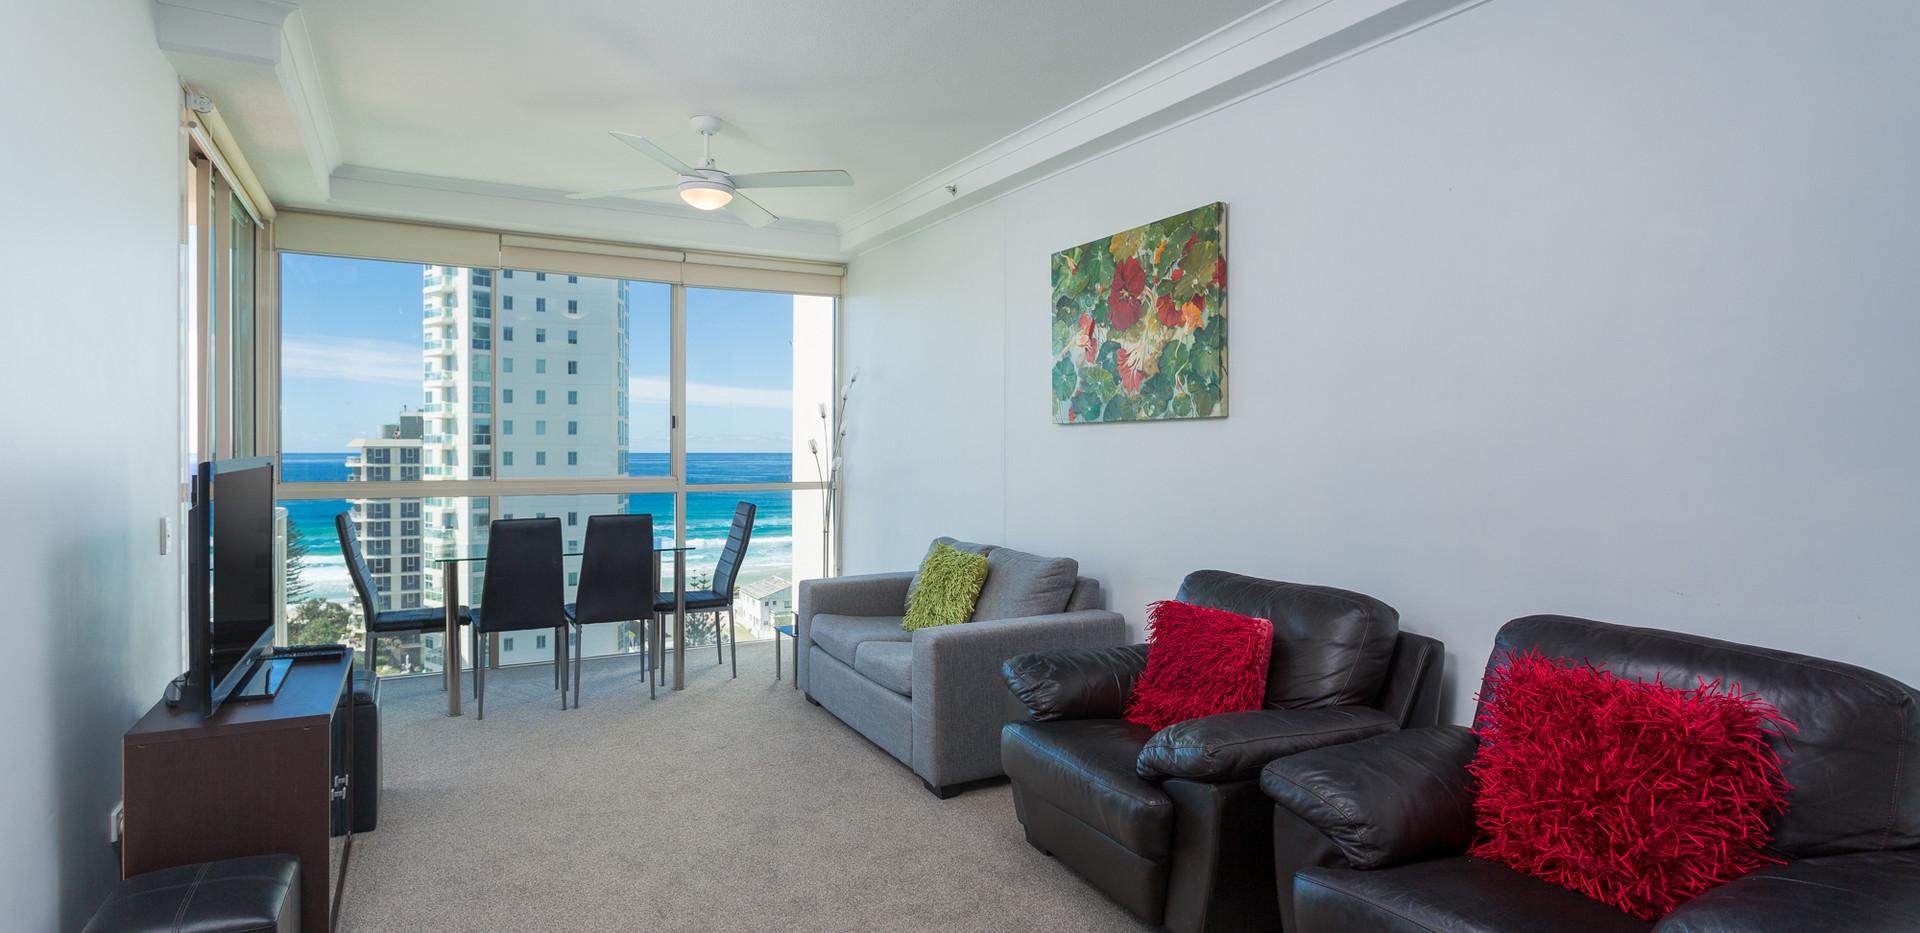 Ocean View sofa & view